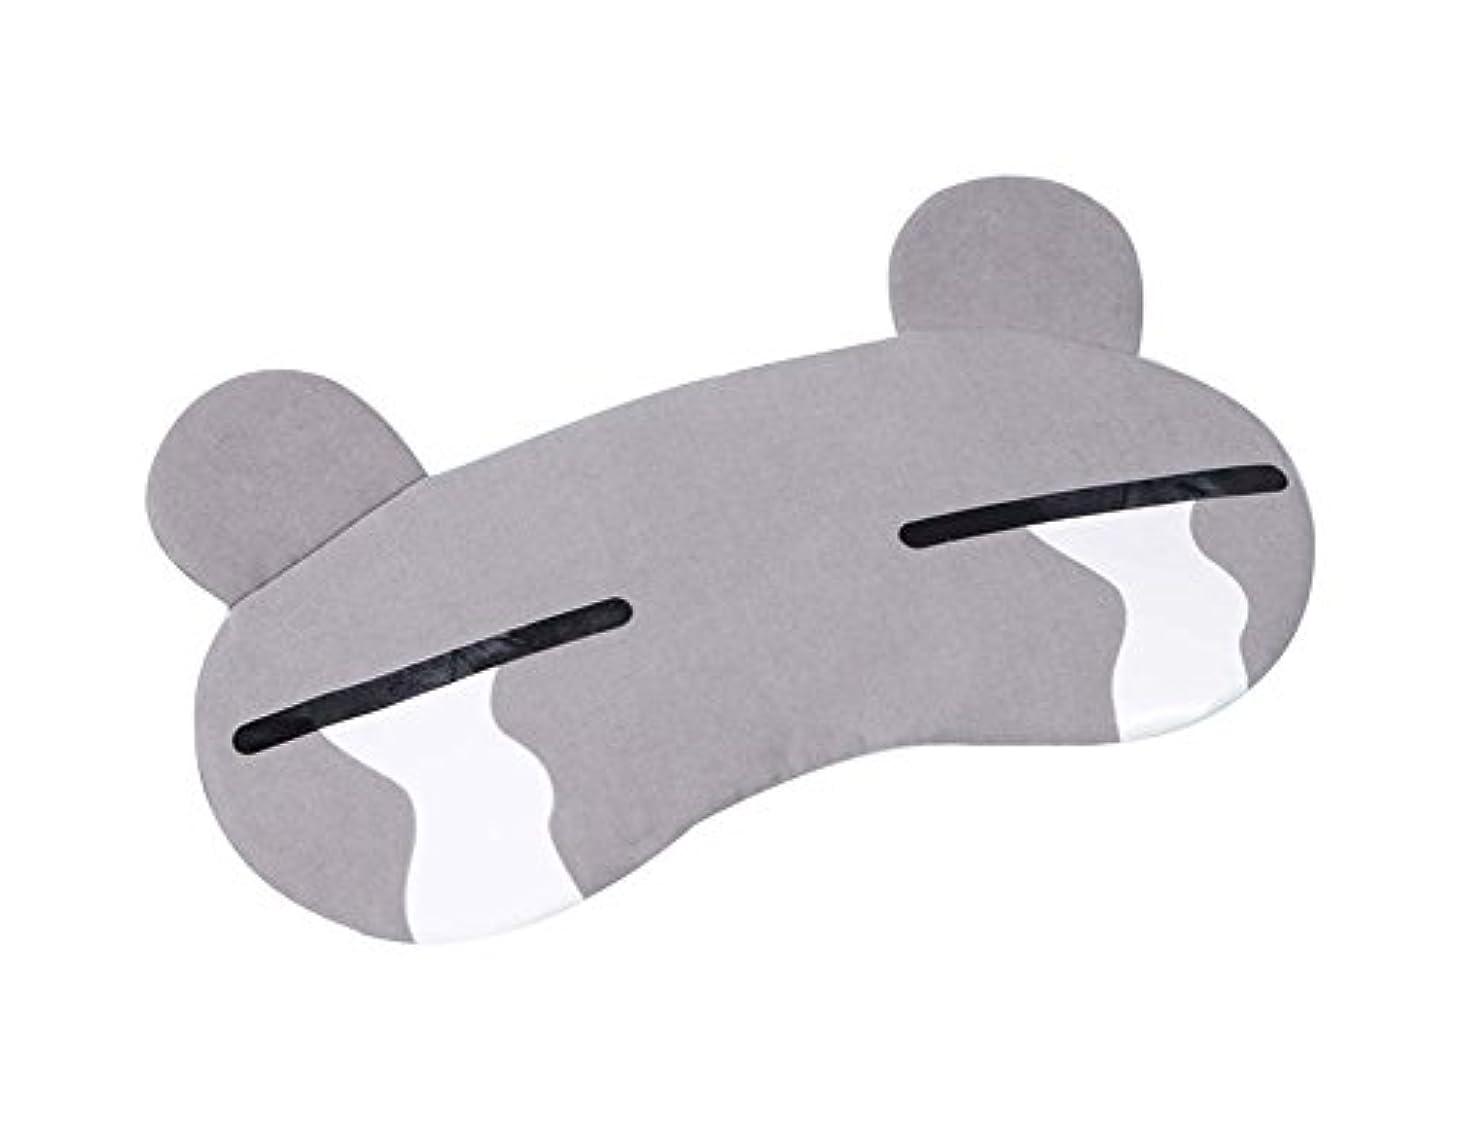 ショートくるくるキネマティクスグレー泣く睡眠の目マスク快適な目のカバー通気性のあるアイシェイド